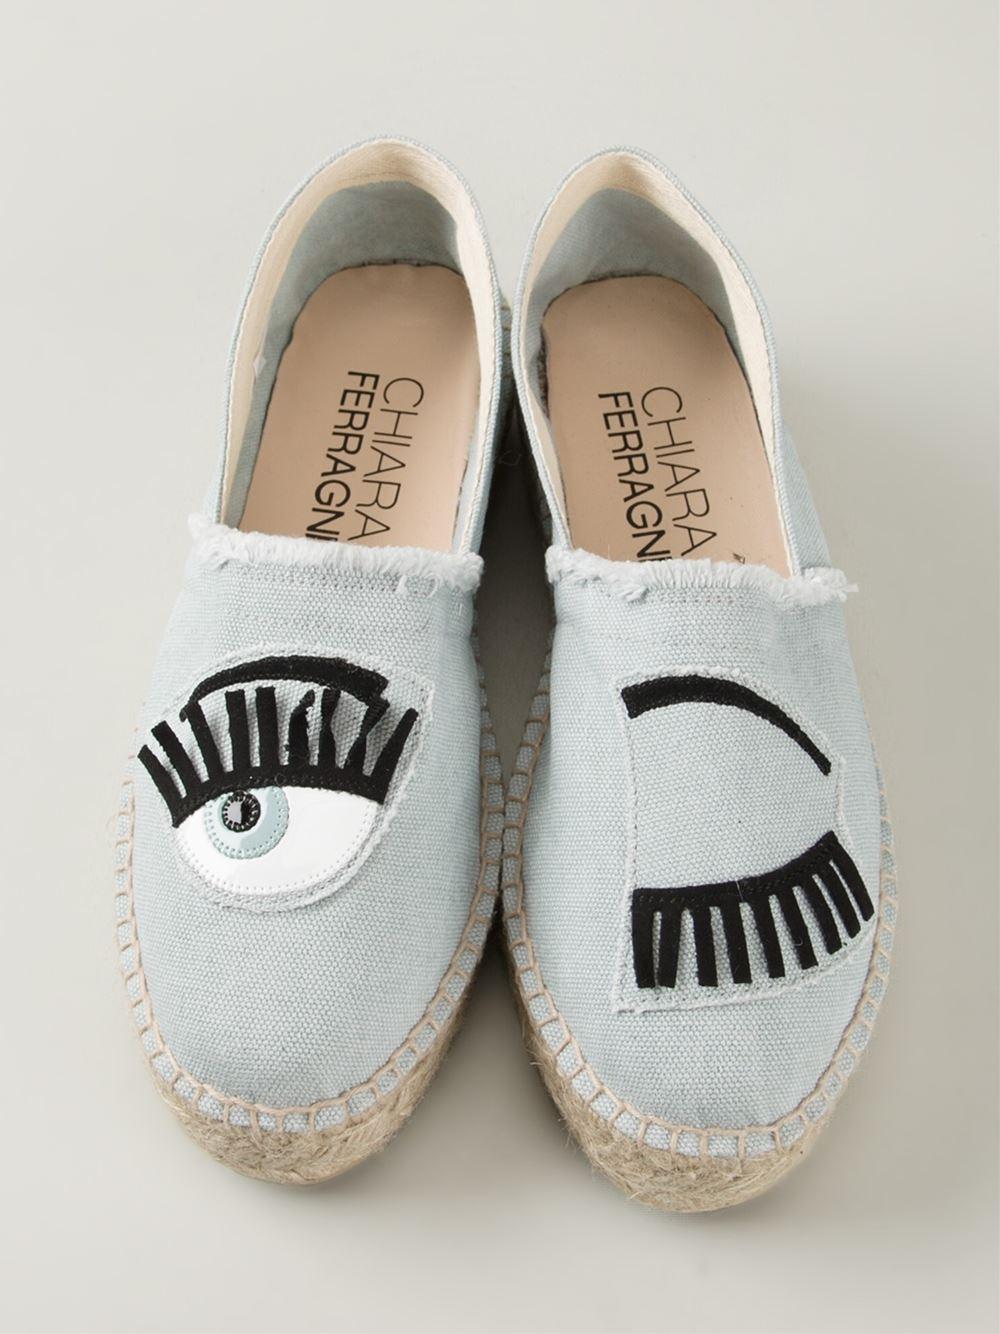 Chiara Ferragni x Converse Sneakers | POPSUGAR Fashion